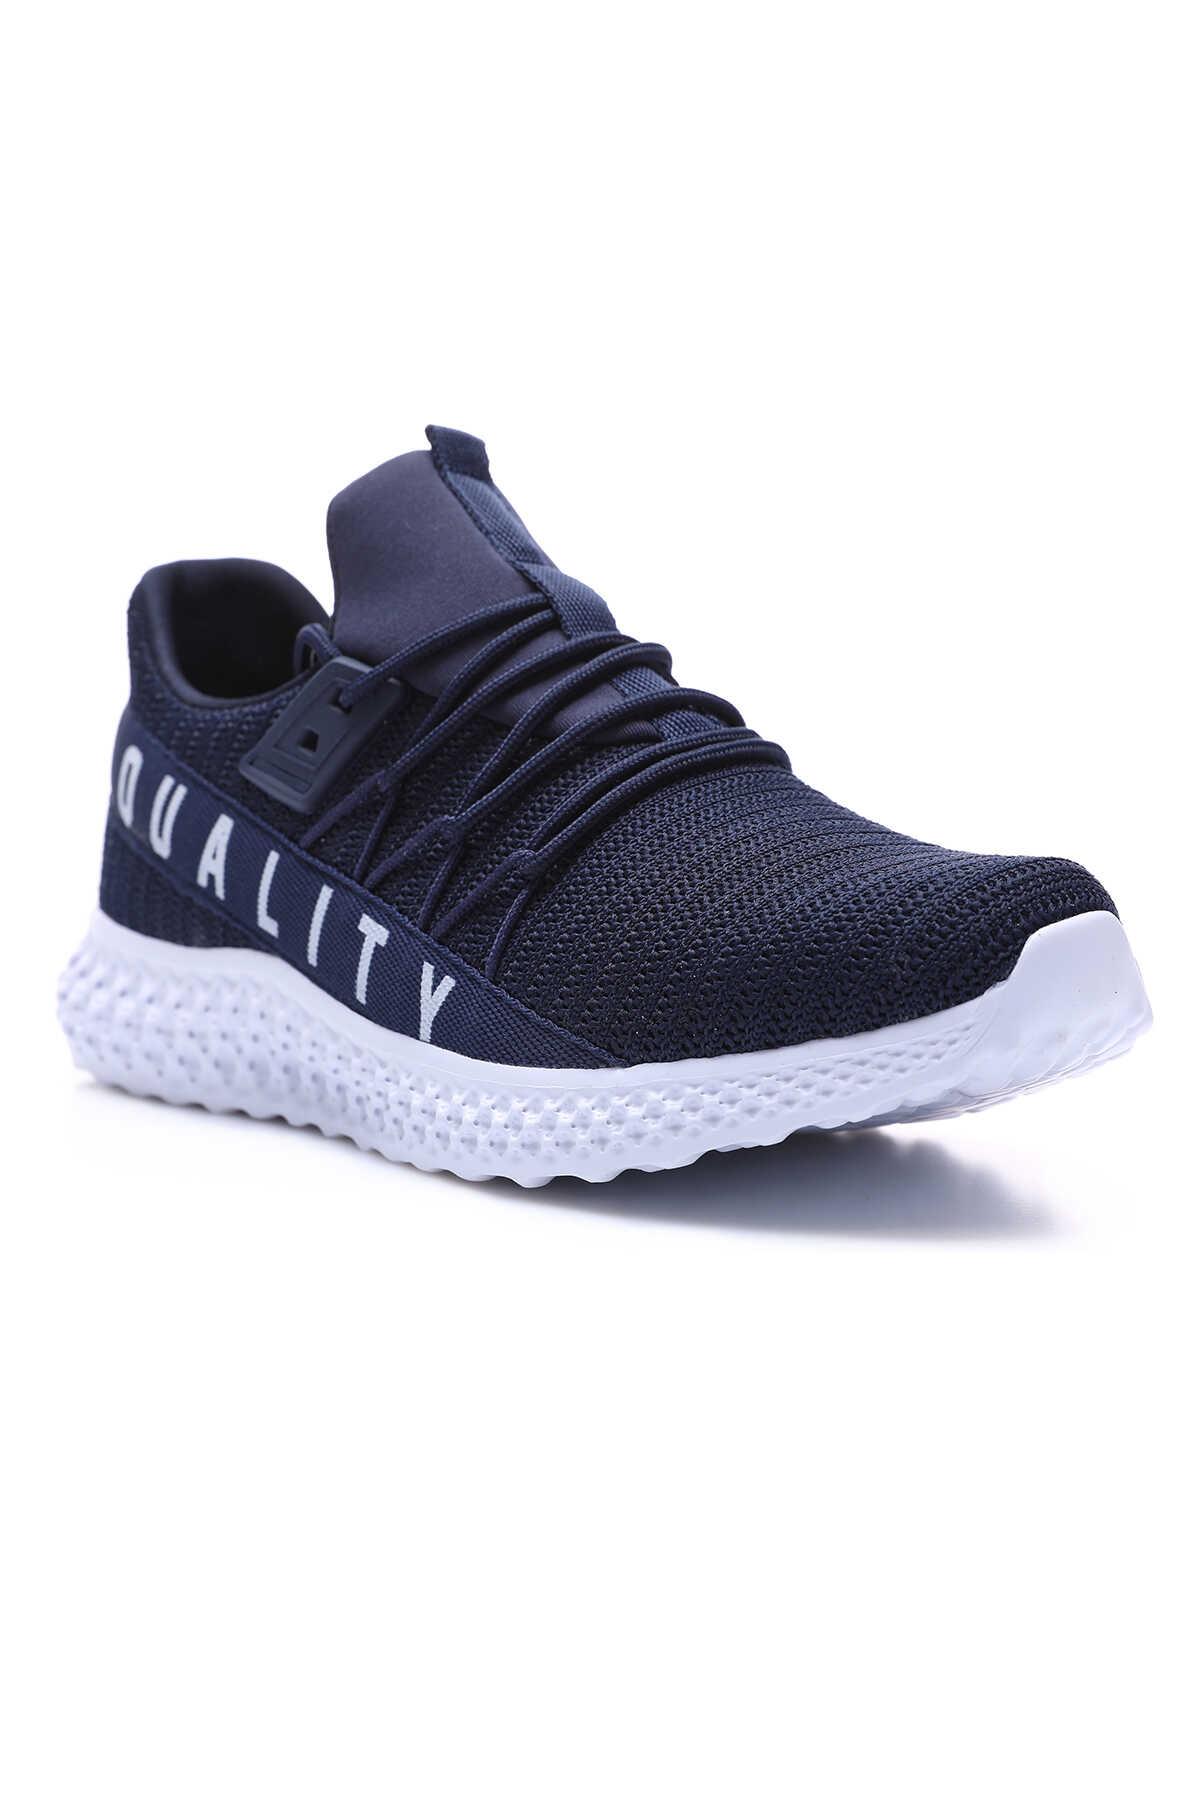 Tommy Life Toptan Lacivert -Beyaz Erkek Yazı Detaylı Fileli Bağcıklı Yüksek Taban Spor Ayakkabı - 89044_1